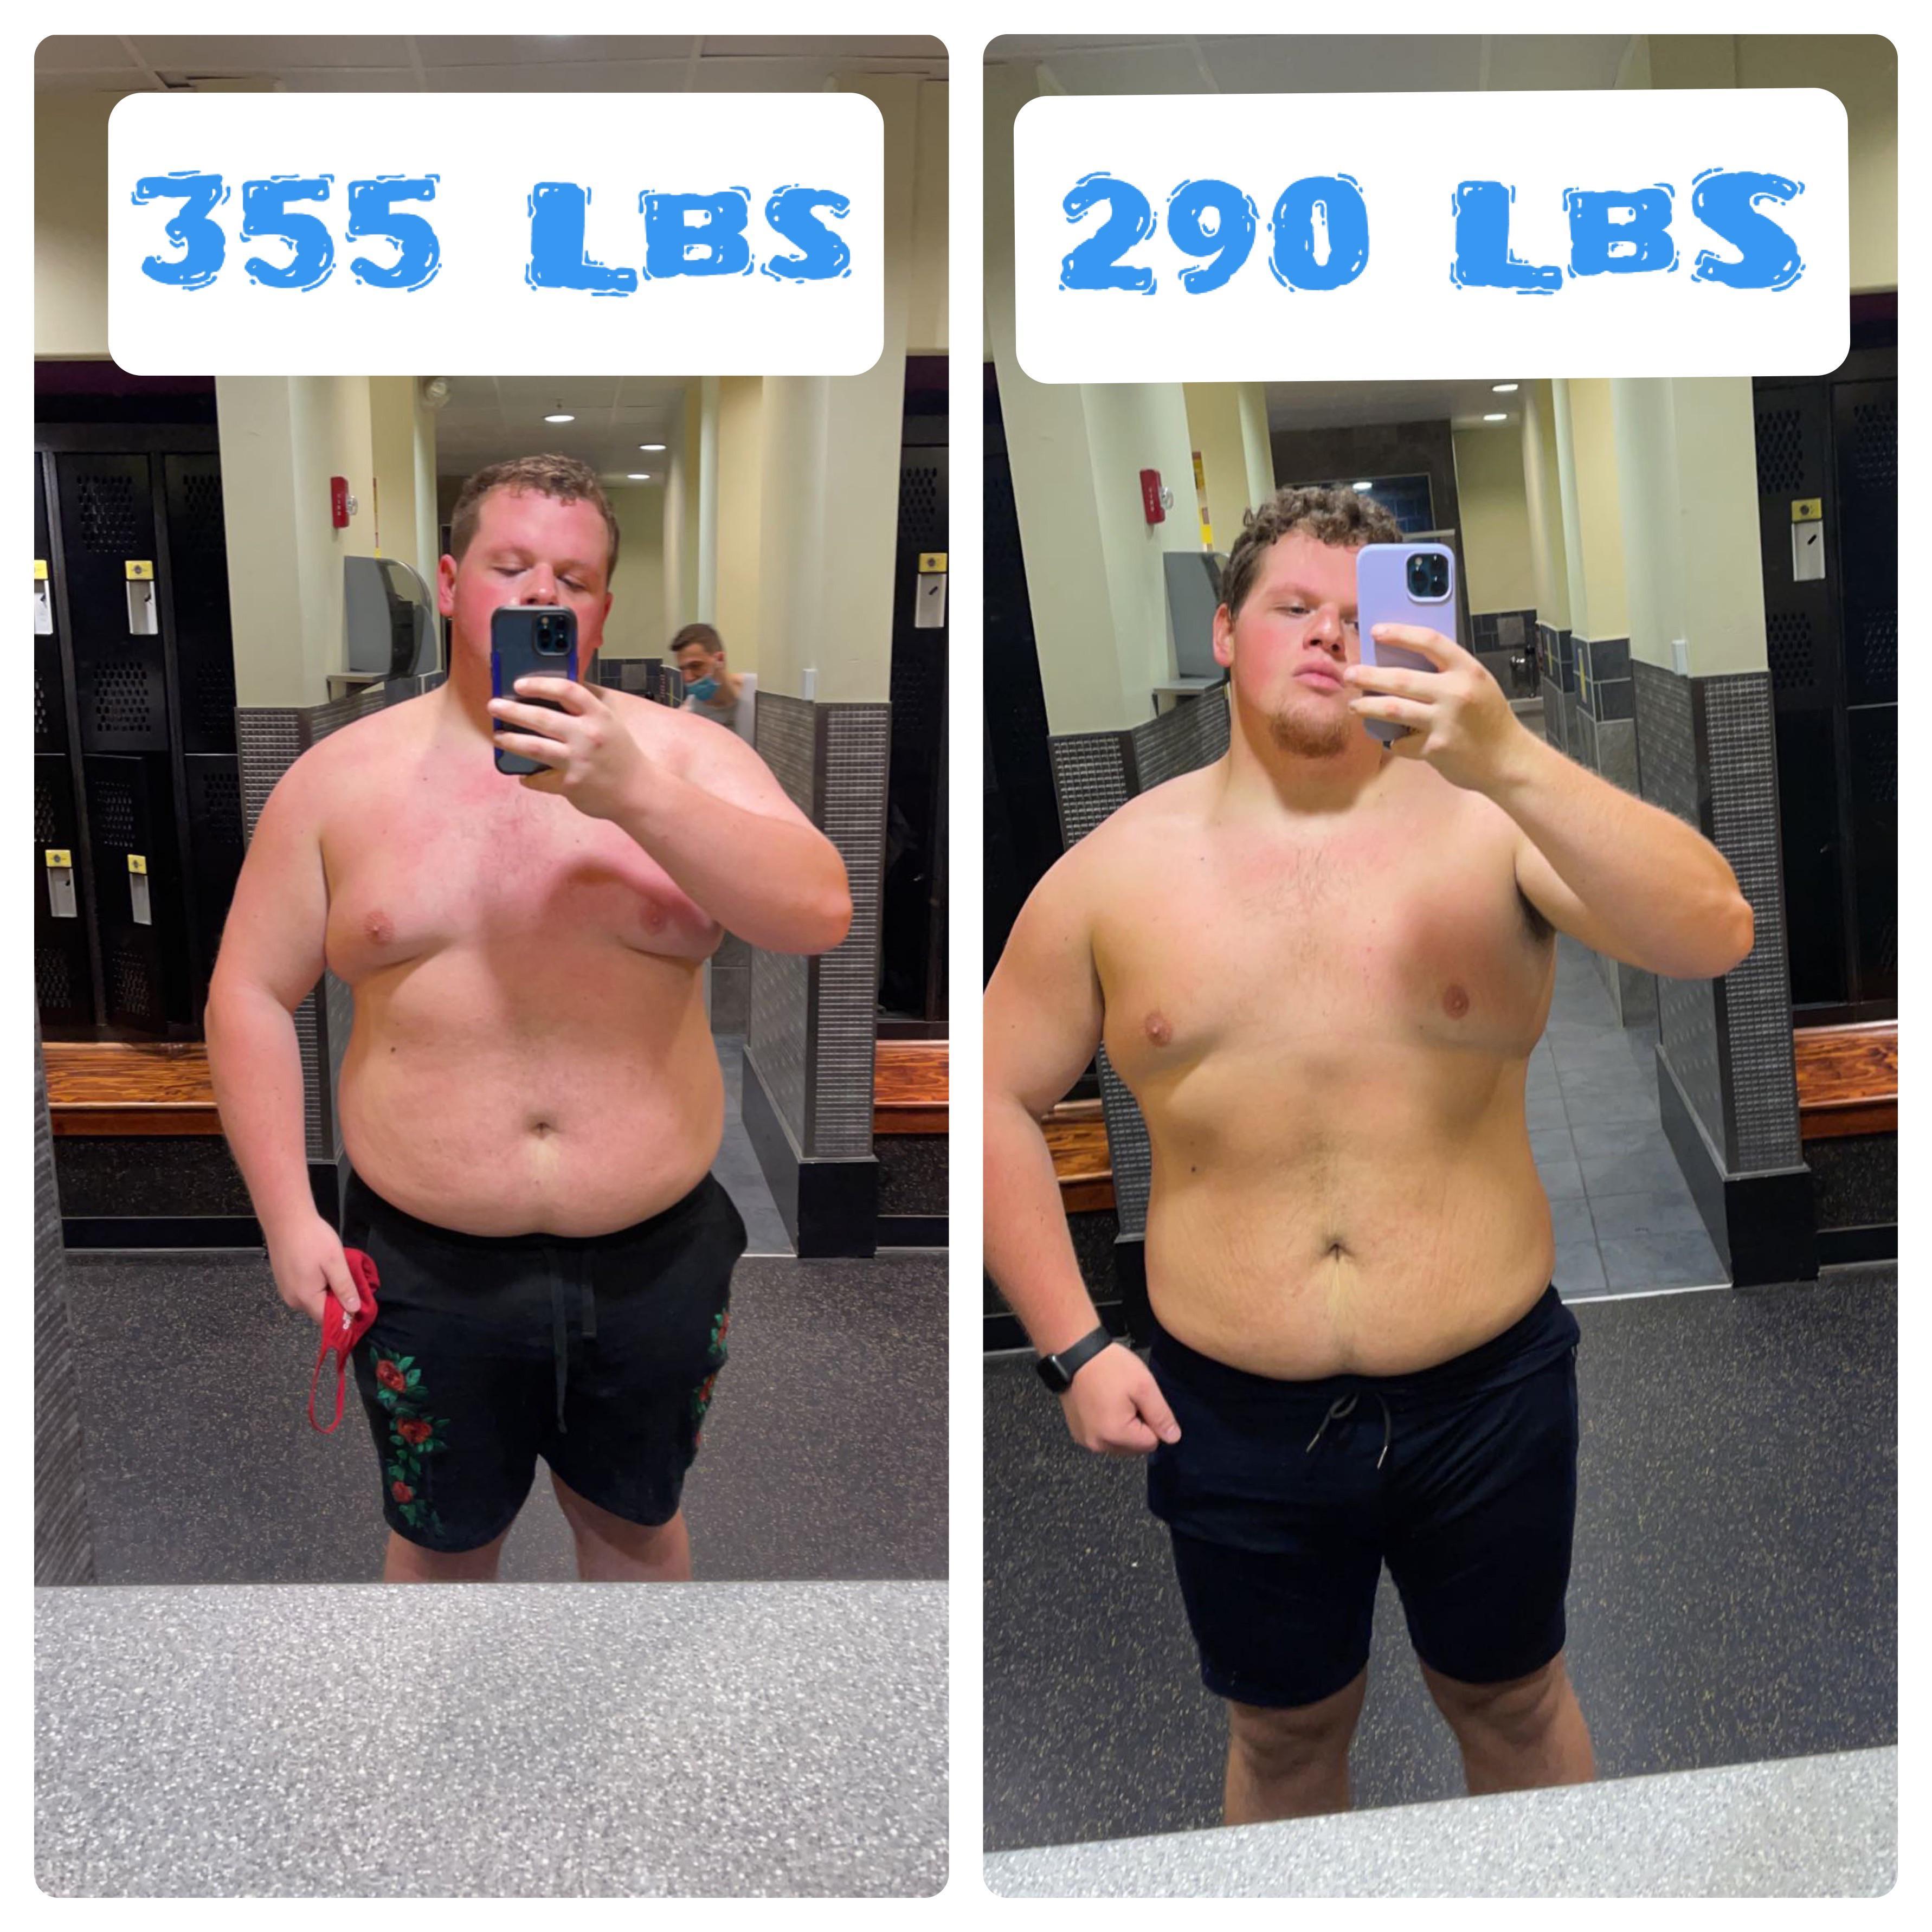 6 feet 2 Male Progress Pics of 65 lbs Fat Loss 355 lbs to 290 lbs